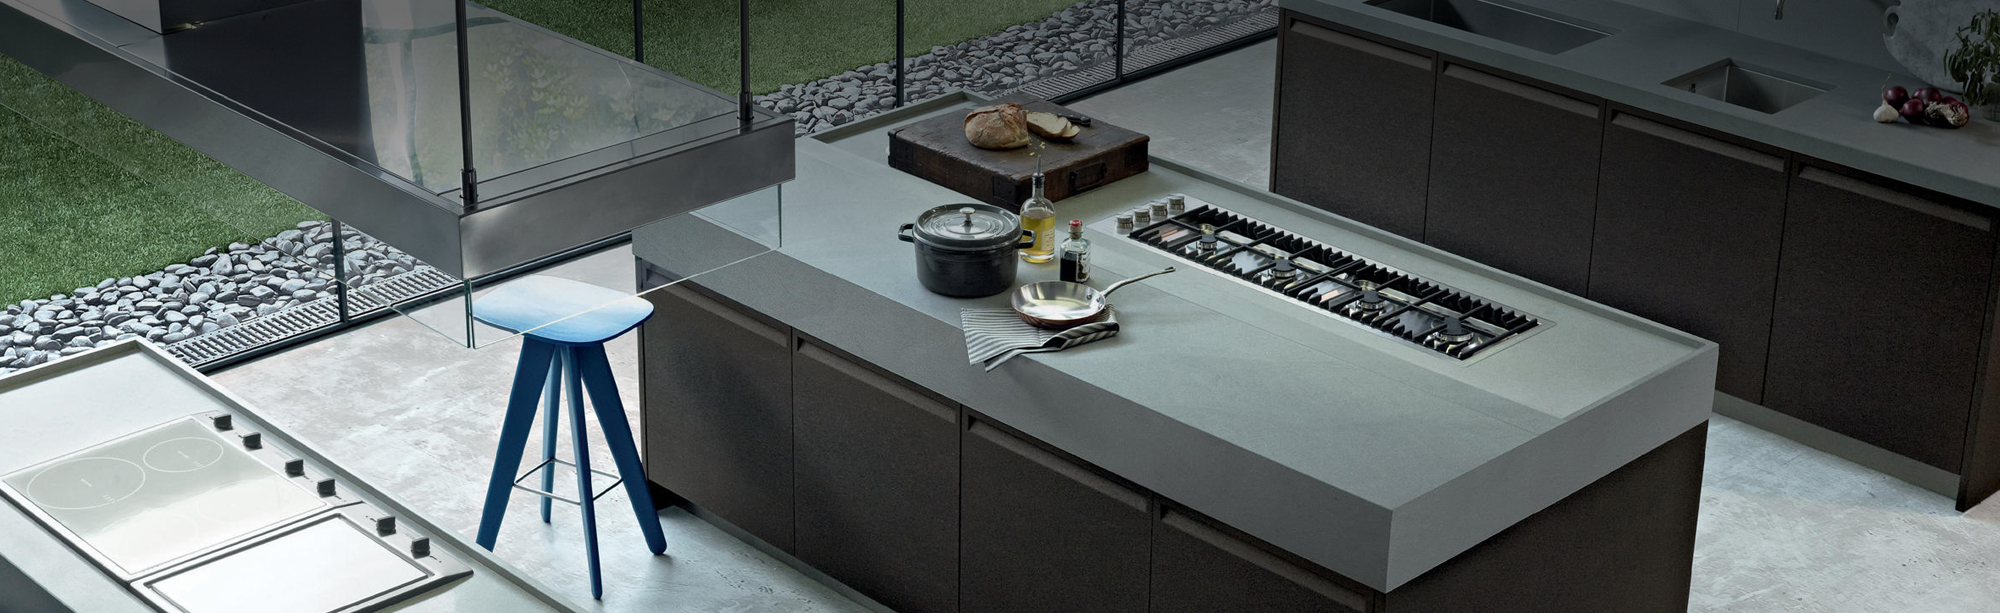 cucine-poliform-varenna - Habitat Casa